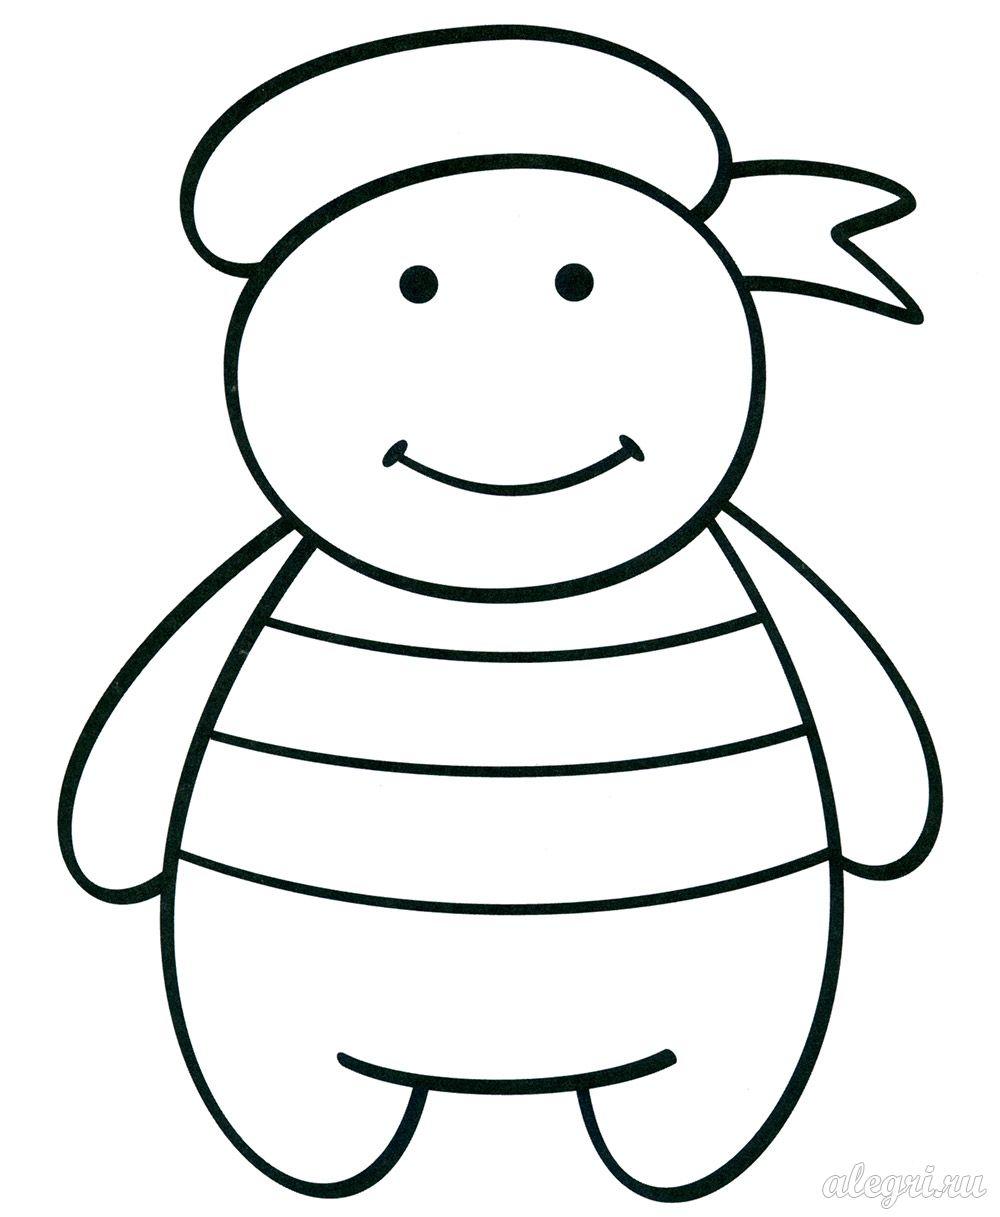 Раскраски к 23 февраля для дошкольников 2-5 лет ...